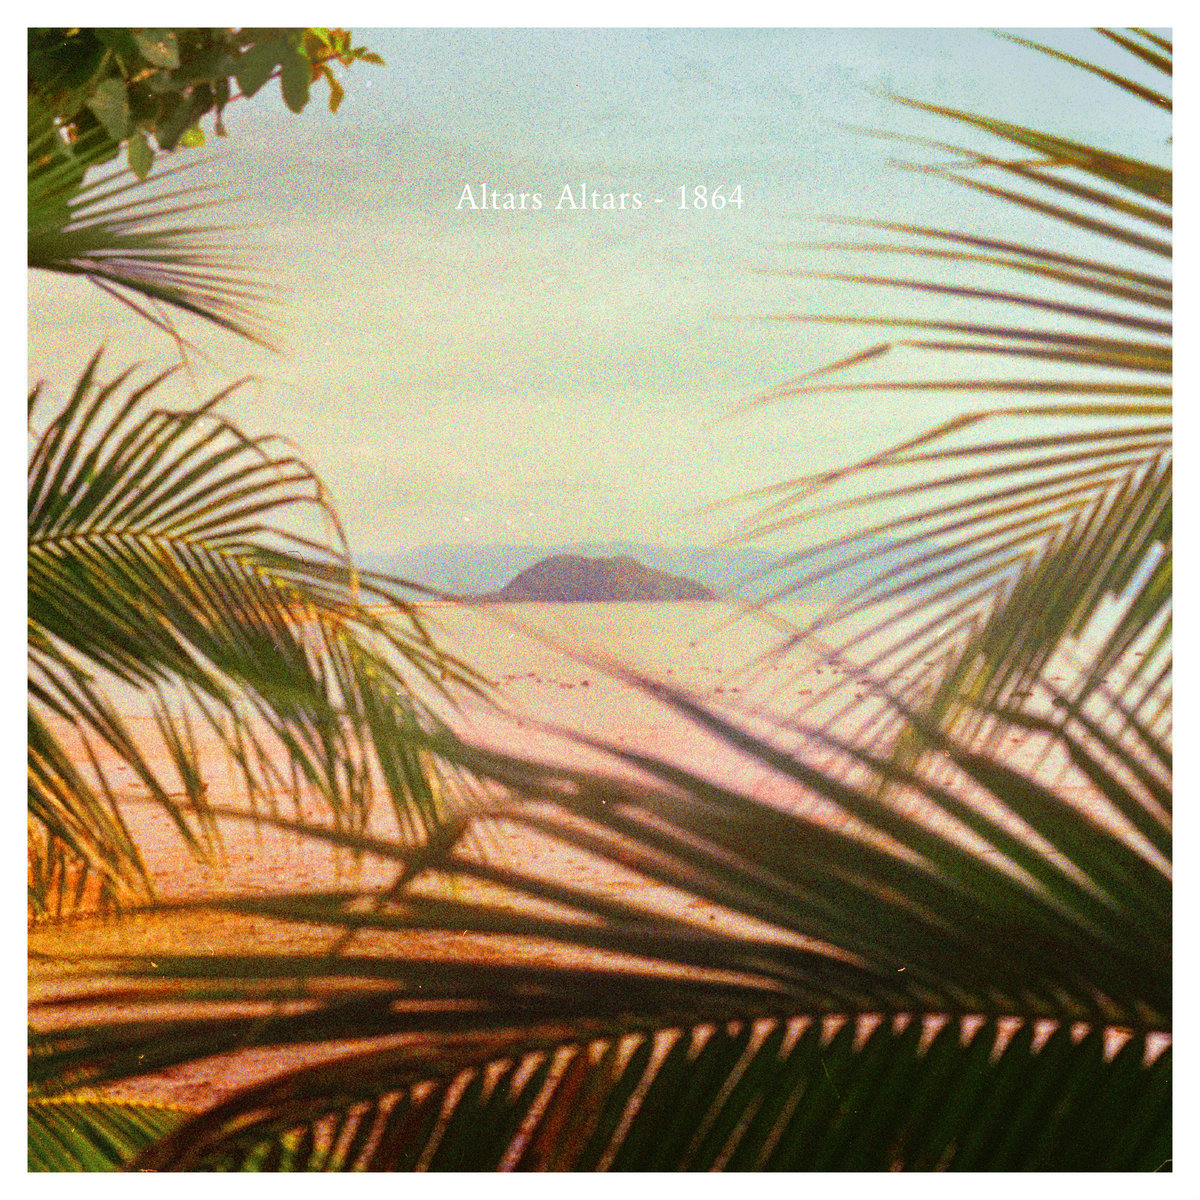 [Sunday Listening] 1864 – Altars Altars